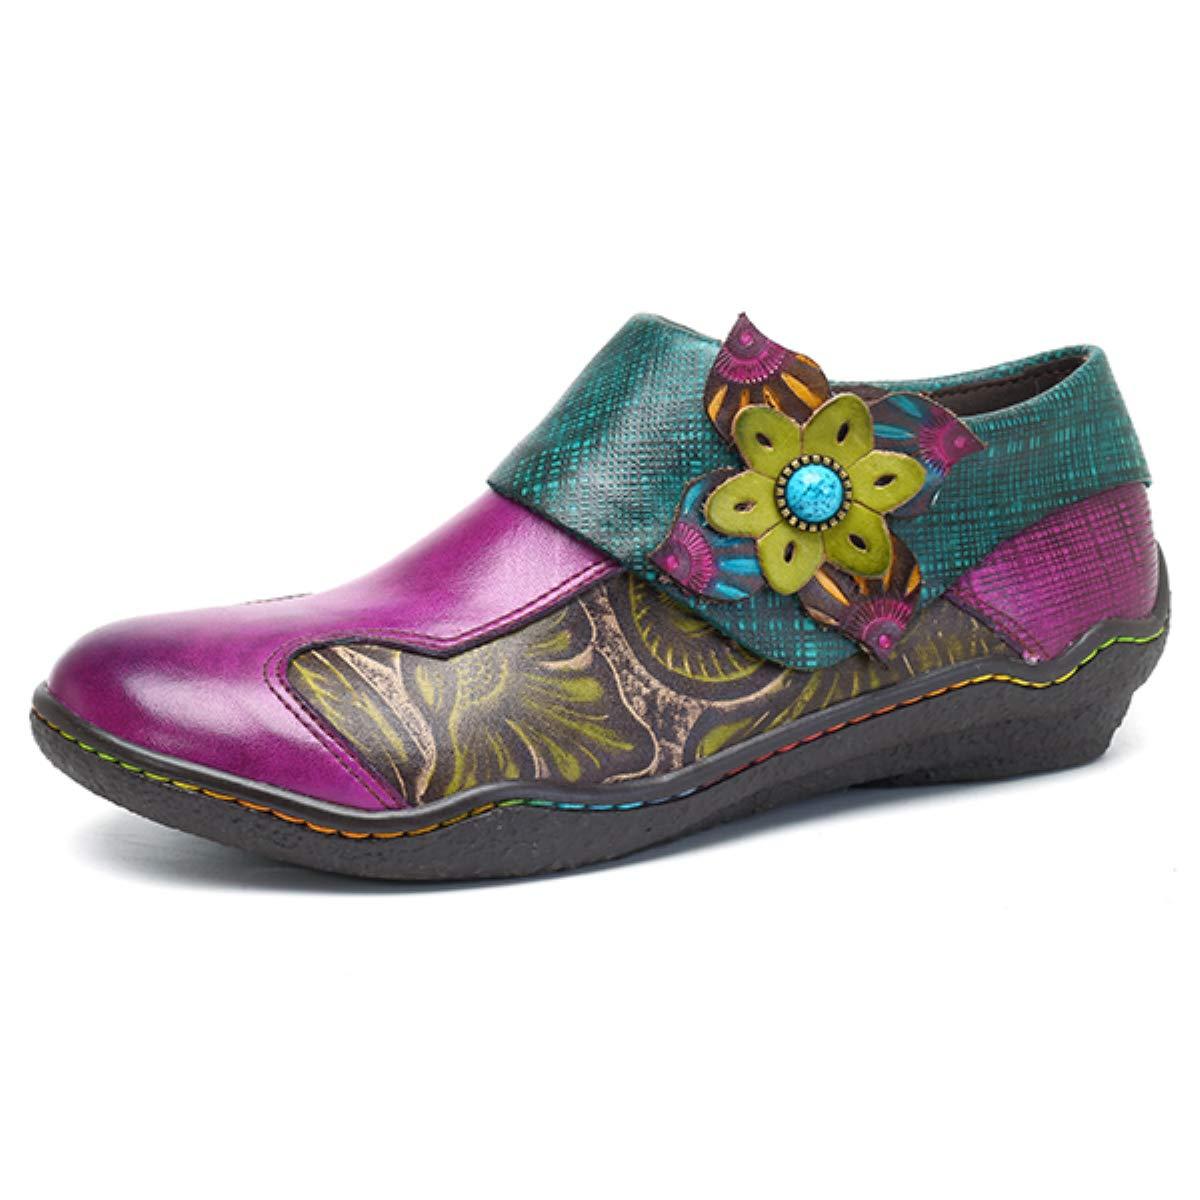 Socofy Mocassins Femme, Loafters Chaussures de Ville en Socofy Cuir B075ZBVNCH Talon Plate Souliers Loafters à Enfilter Printemps Eté Fait à la Mains 36-42 Violet Violet 61a548f - robotanarchy.space